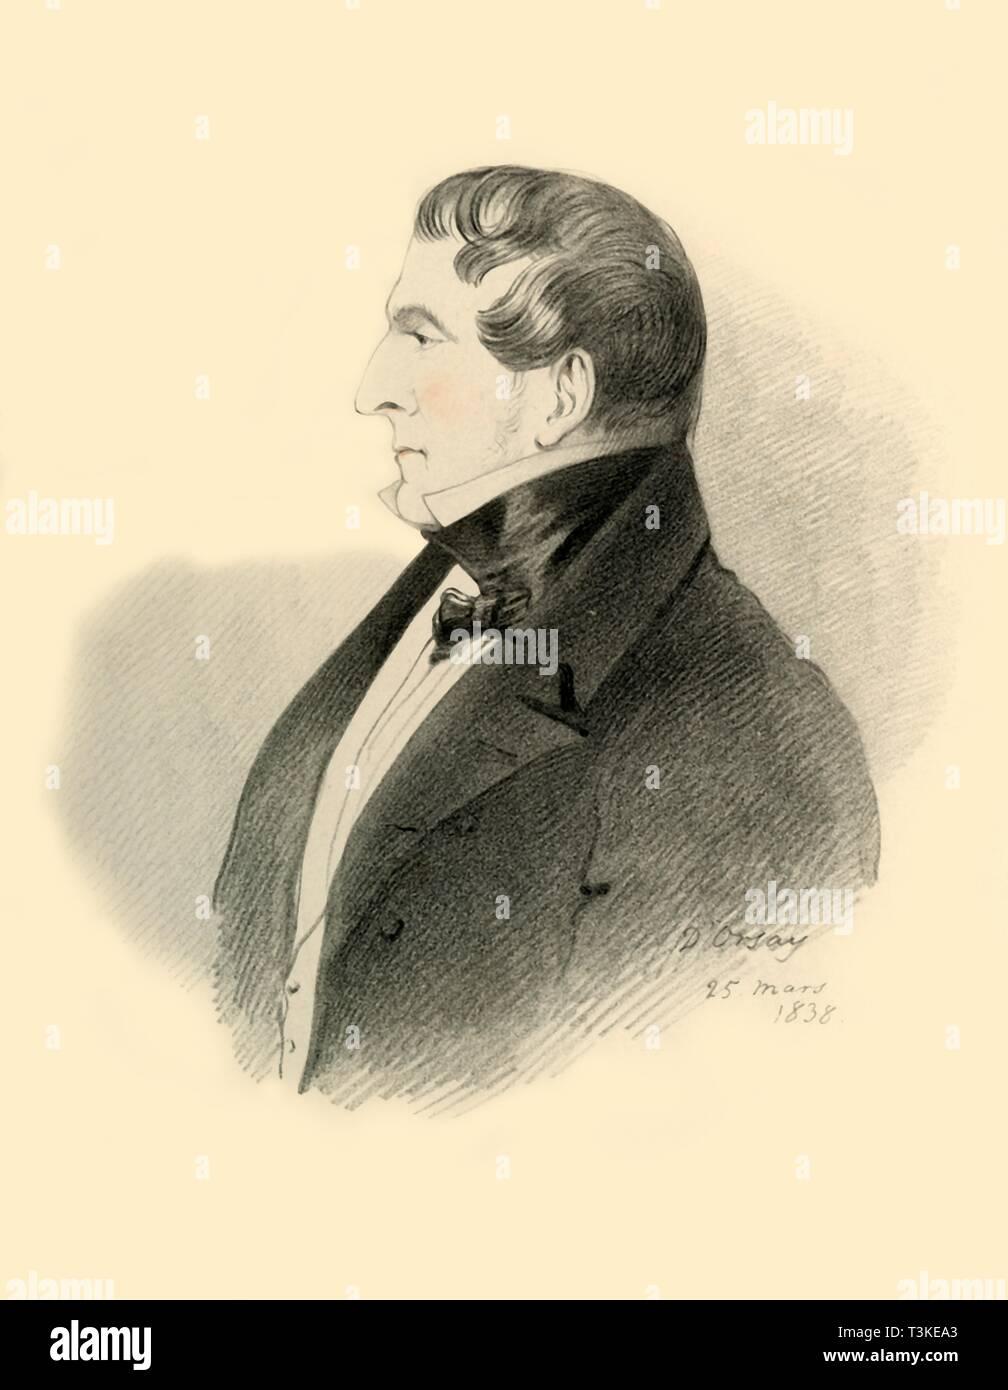 'The Viscount Allen', 1838. Creator: Richard James Lane. - Stock Image